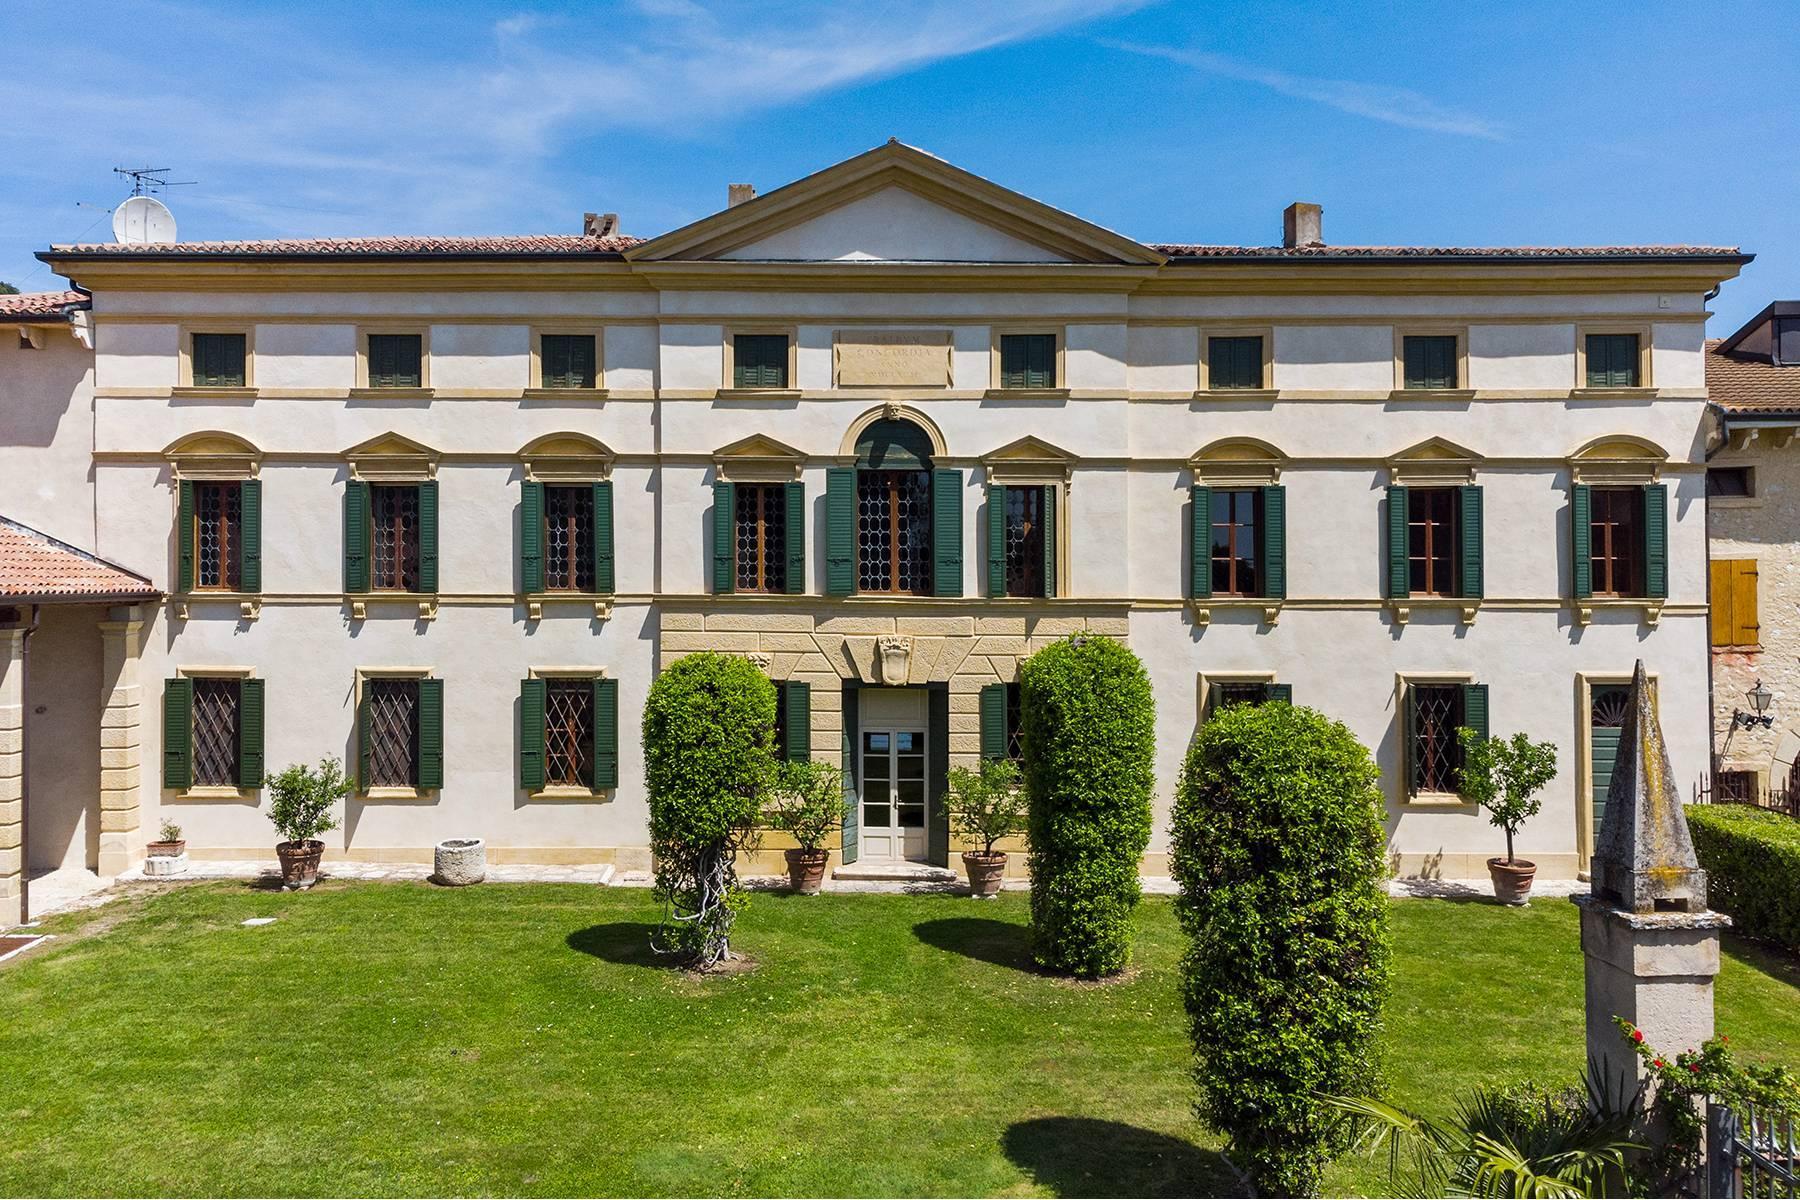 Historische Villa mit Park und prächtigem alten Keller, umgeben von Weinbergen - 41